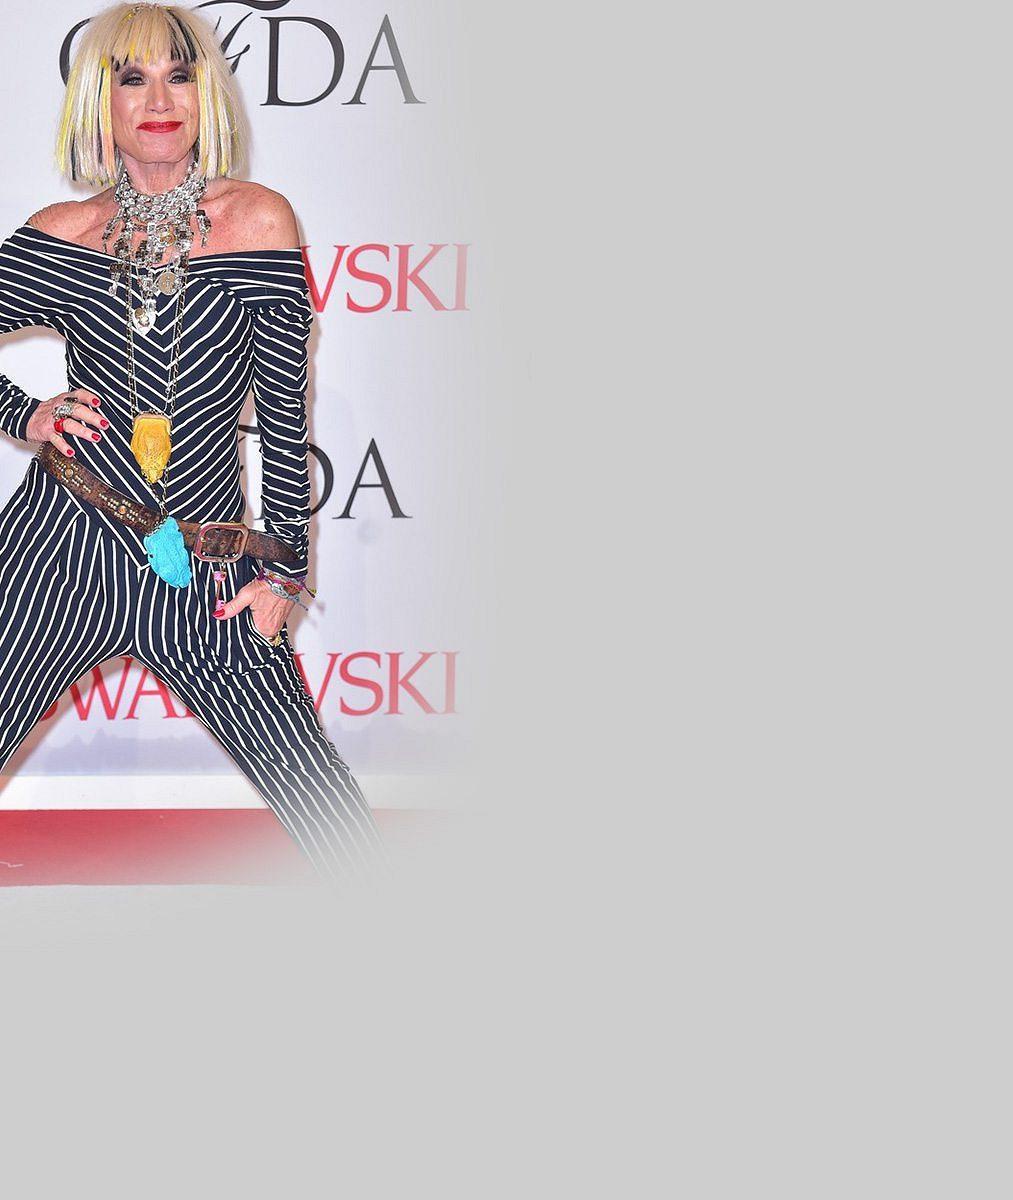 Potrhlá návrhářka zakončuje v 72 letech svou přehlídku provazem a parádní hvězdou